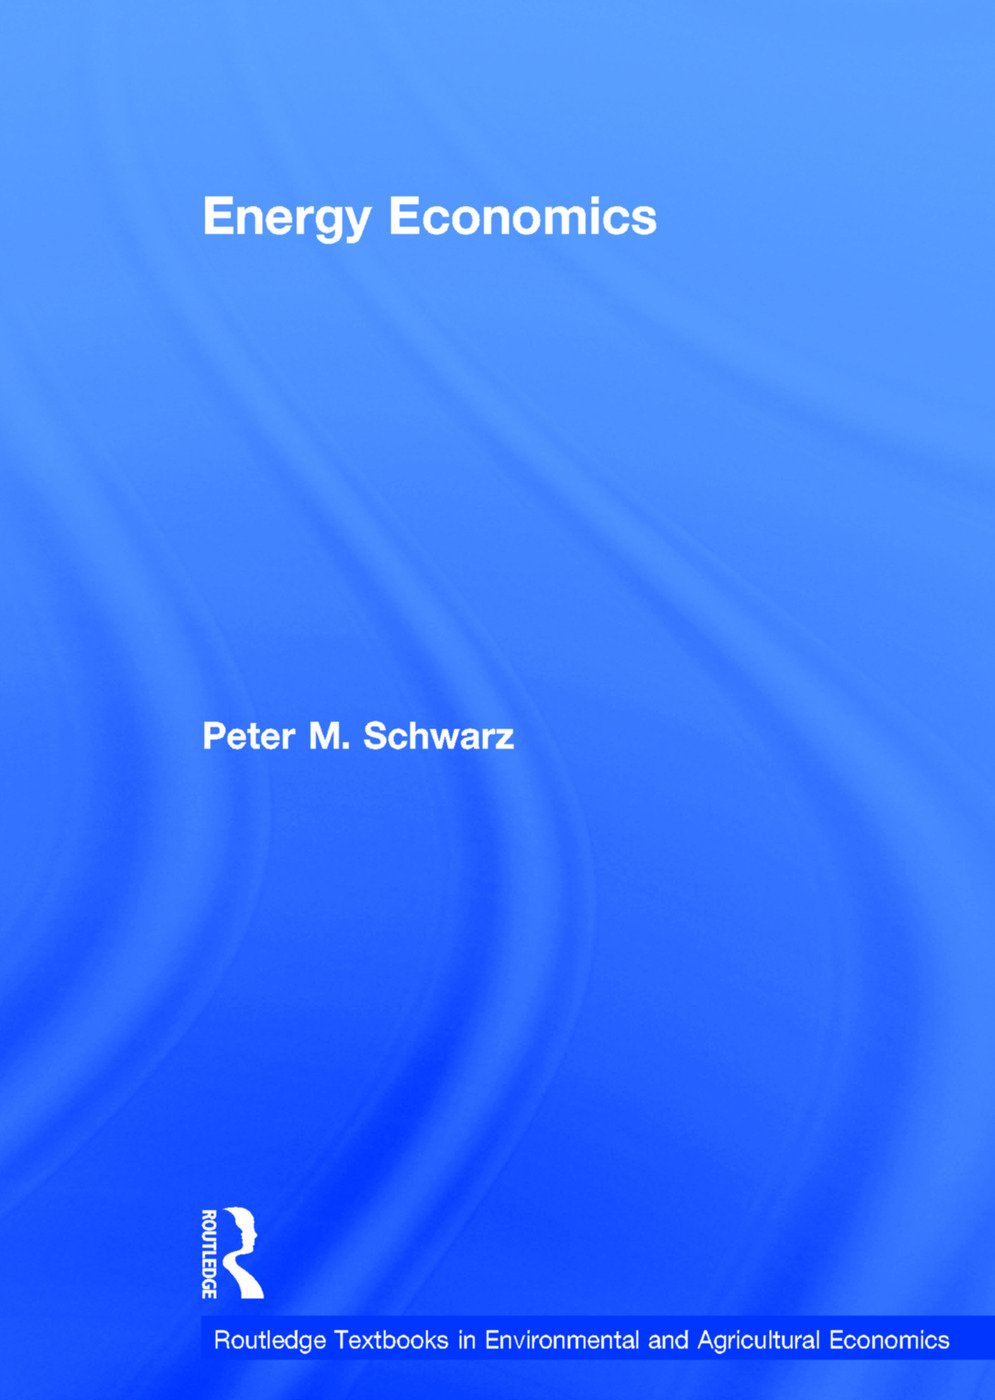 Energy Economics book cover